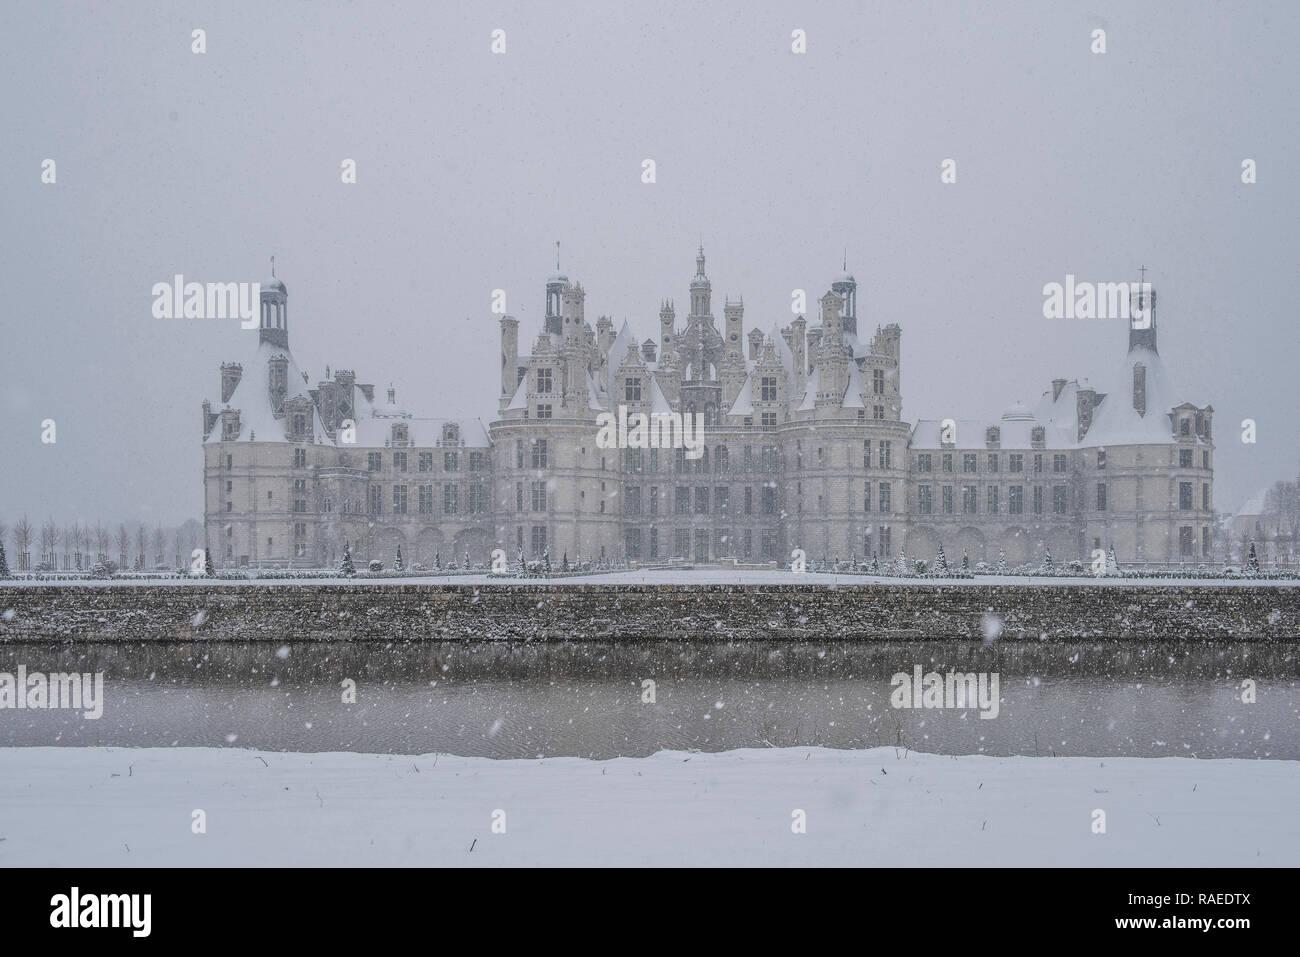 """""""Château de Chambord"""", un castillo de estilo renacentista, está registrado como un sitio del Patrimonio Mundial de la UNESCO y un Punto Histórico Nacional (en francés """"Monumento hist Foto de stock"""